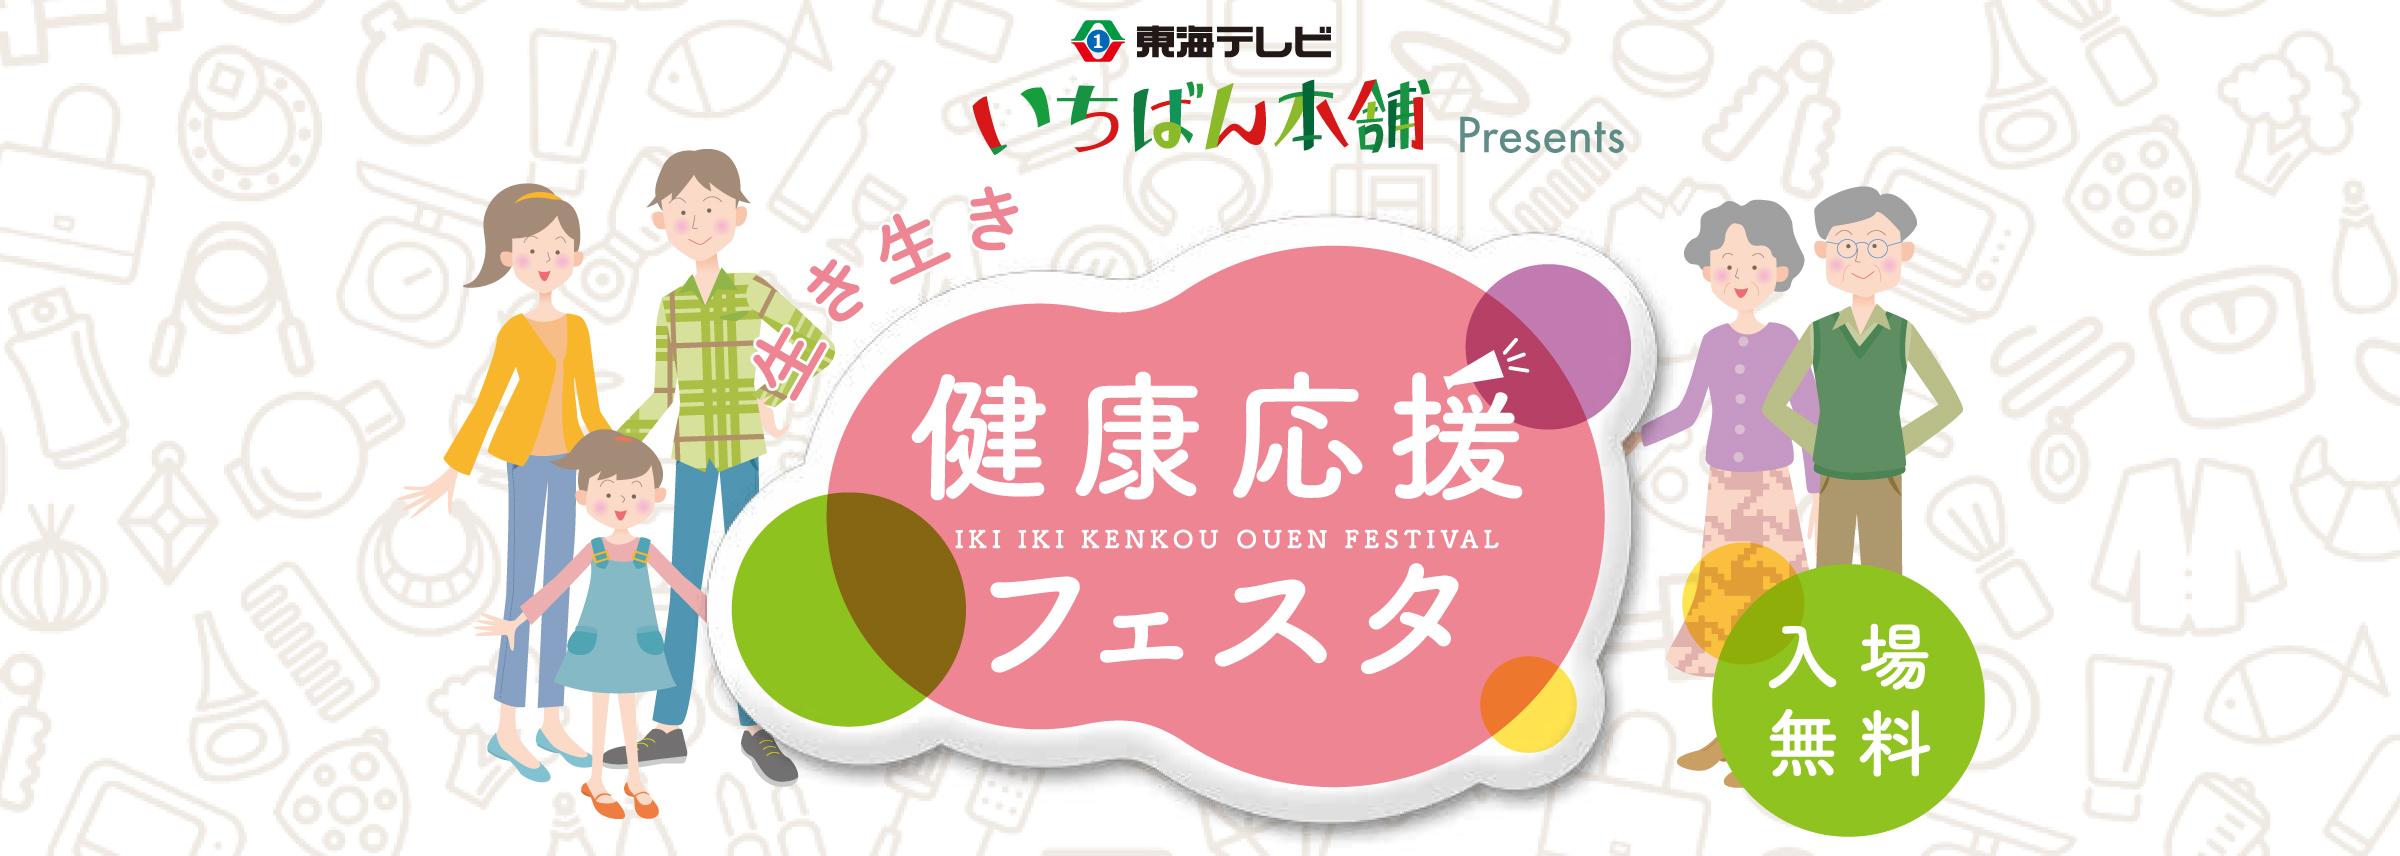 kenkou_ouen_top